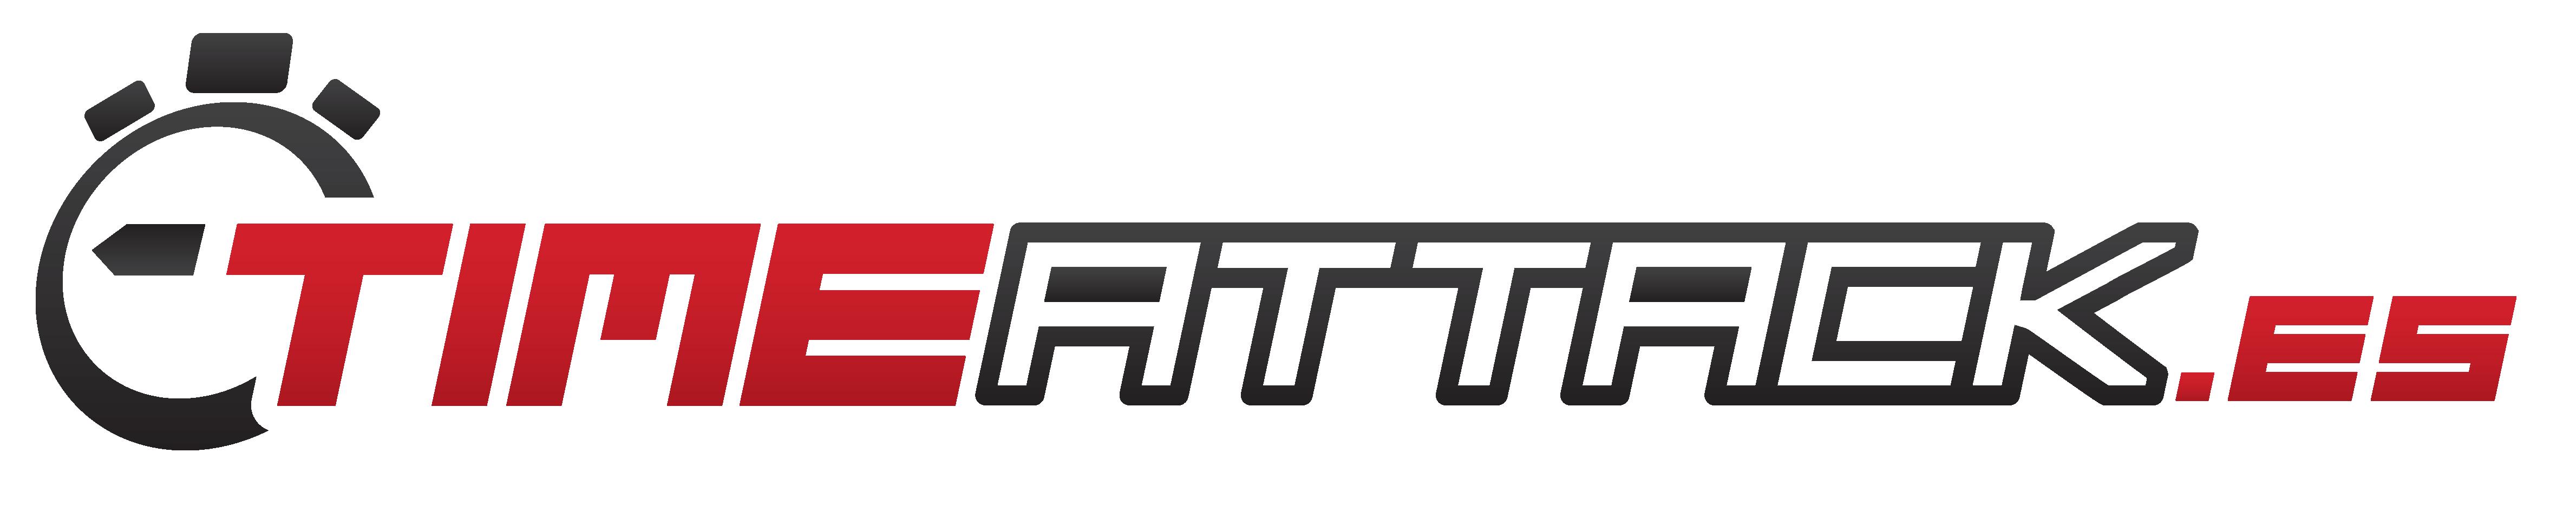 Logo-FondoClaro-Transparente